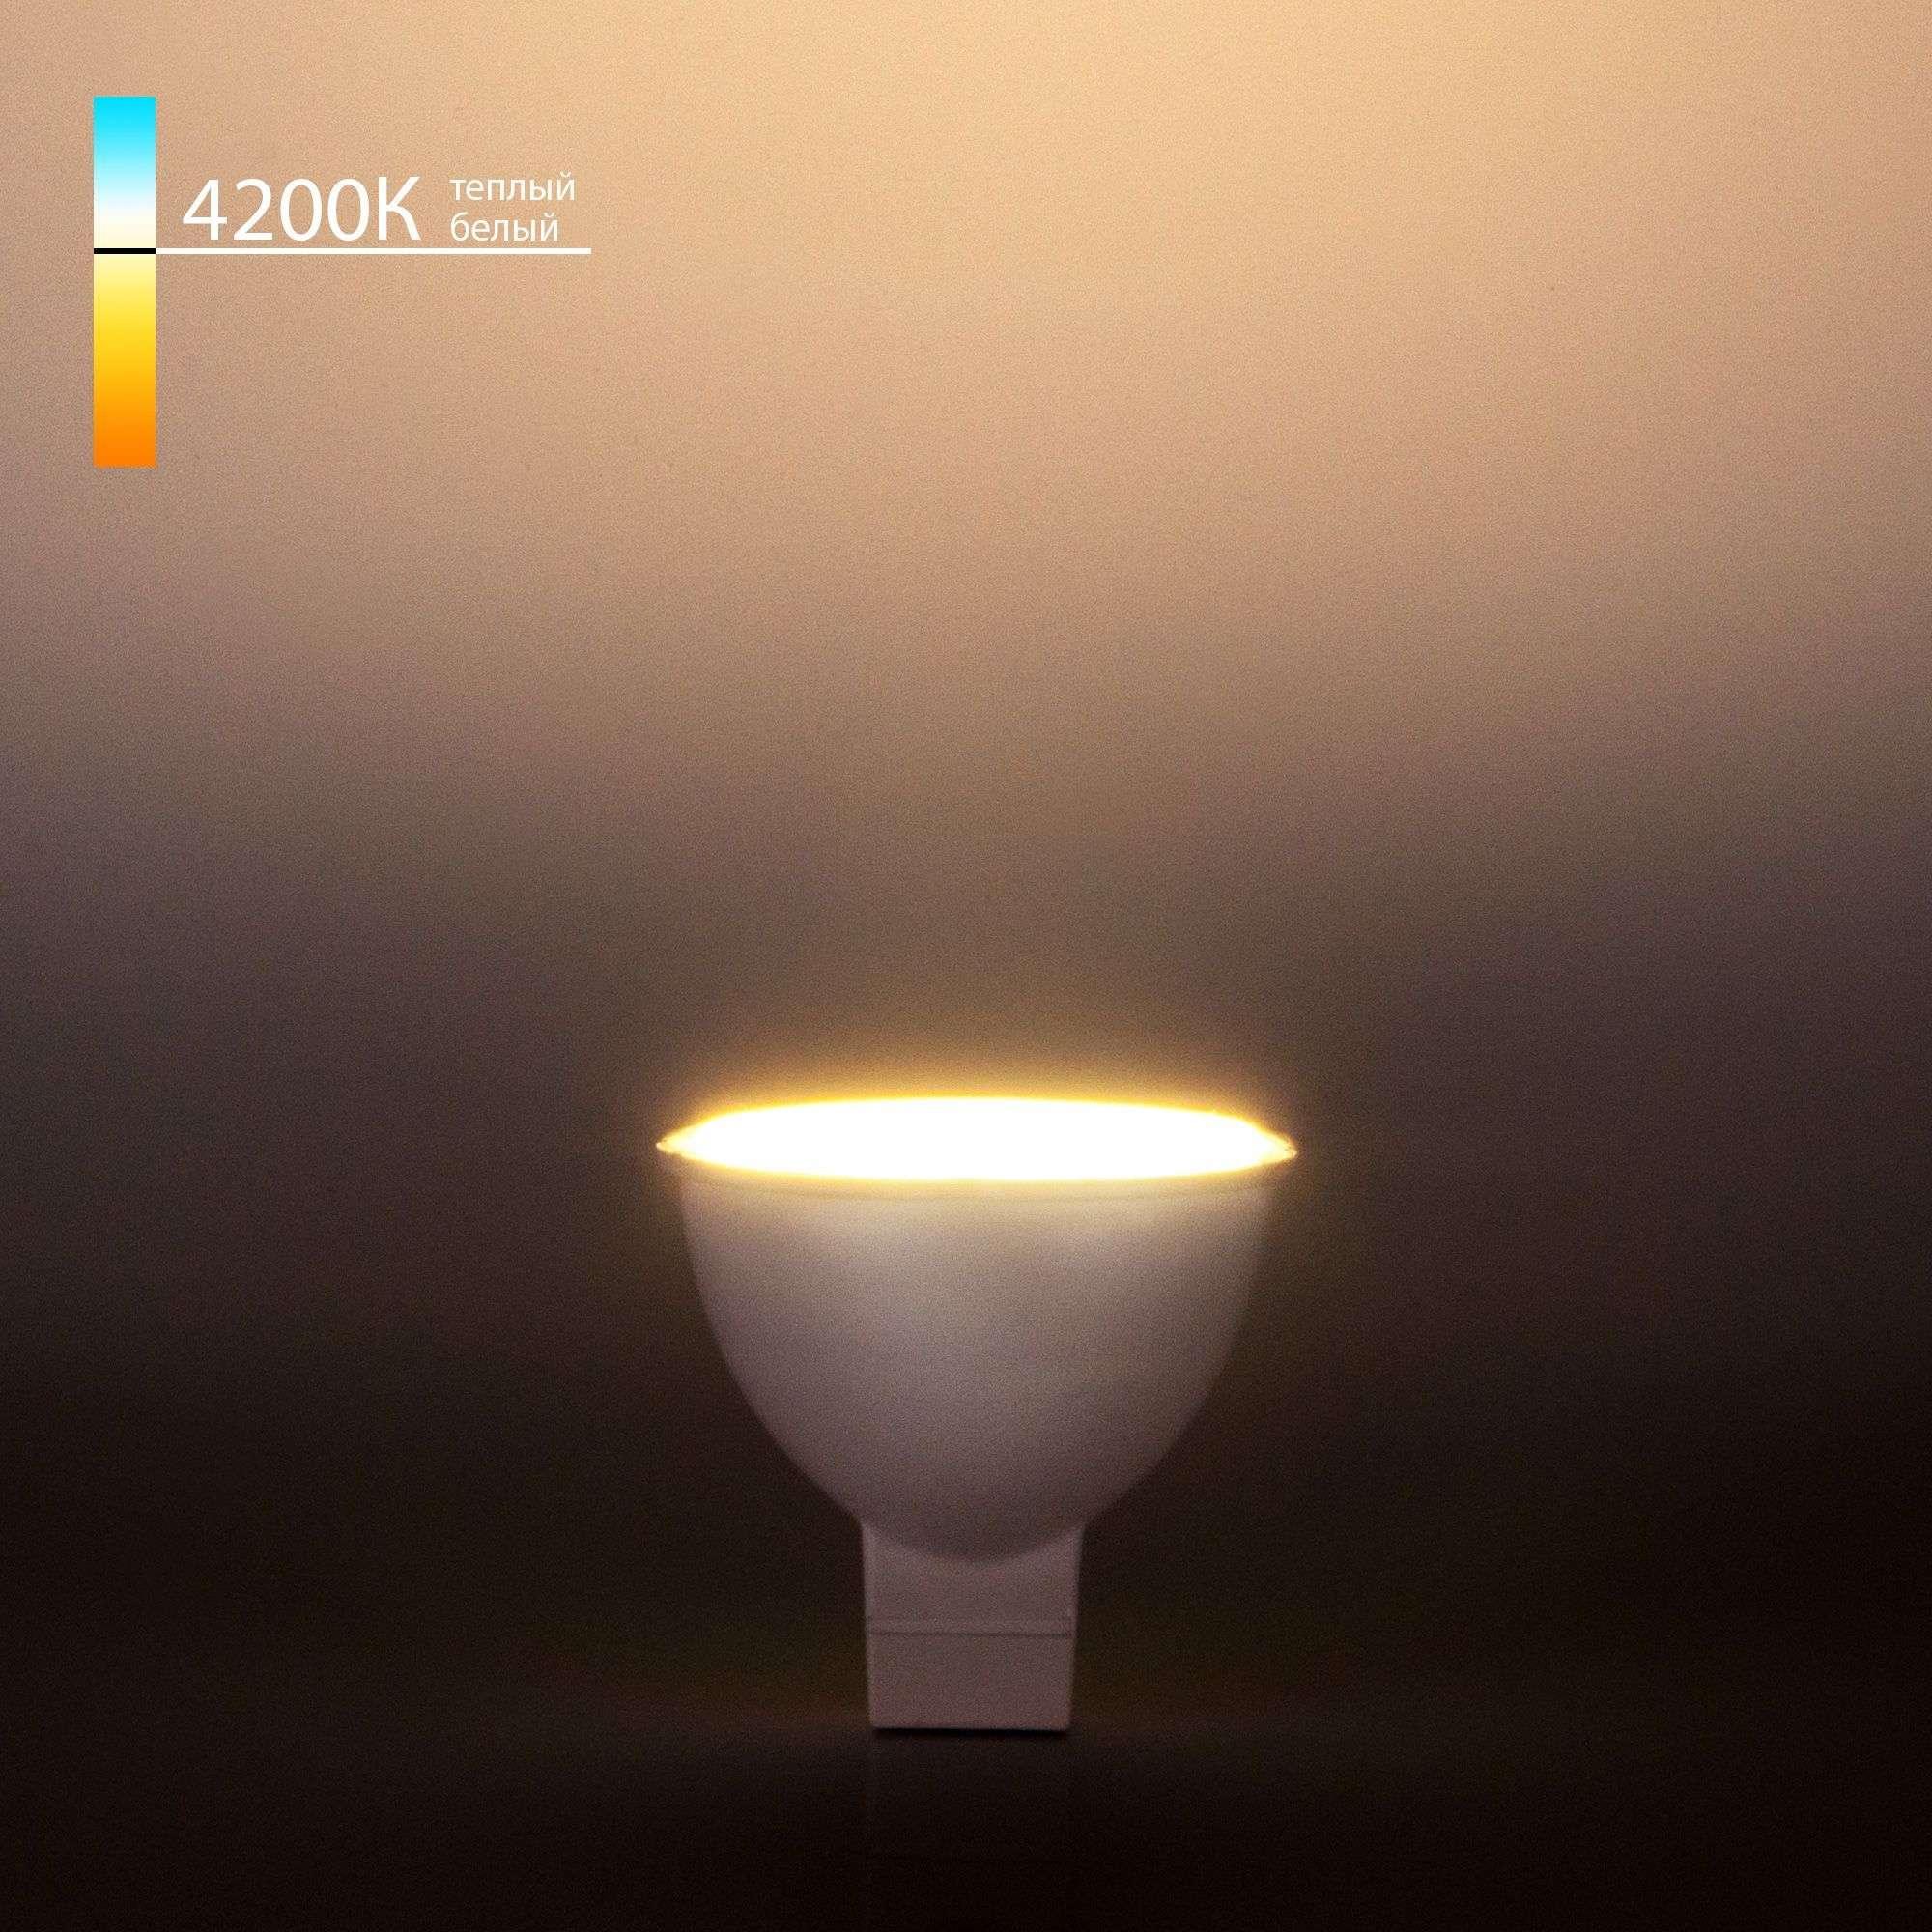 Светодиодная лампа JCDR 7W 4200K G5.3 JCDR01 7W 220V 4200K